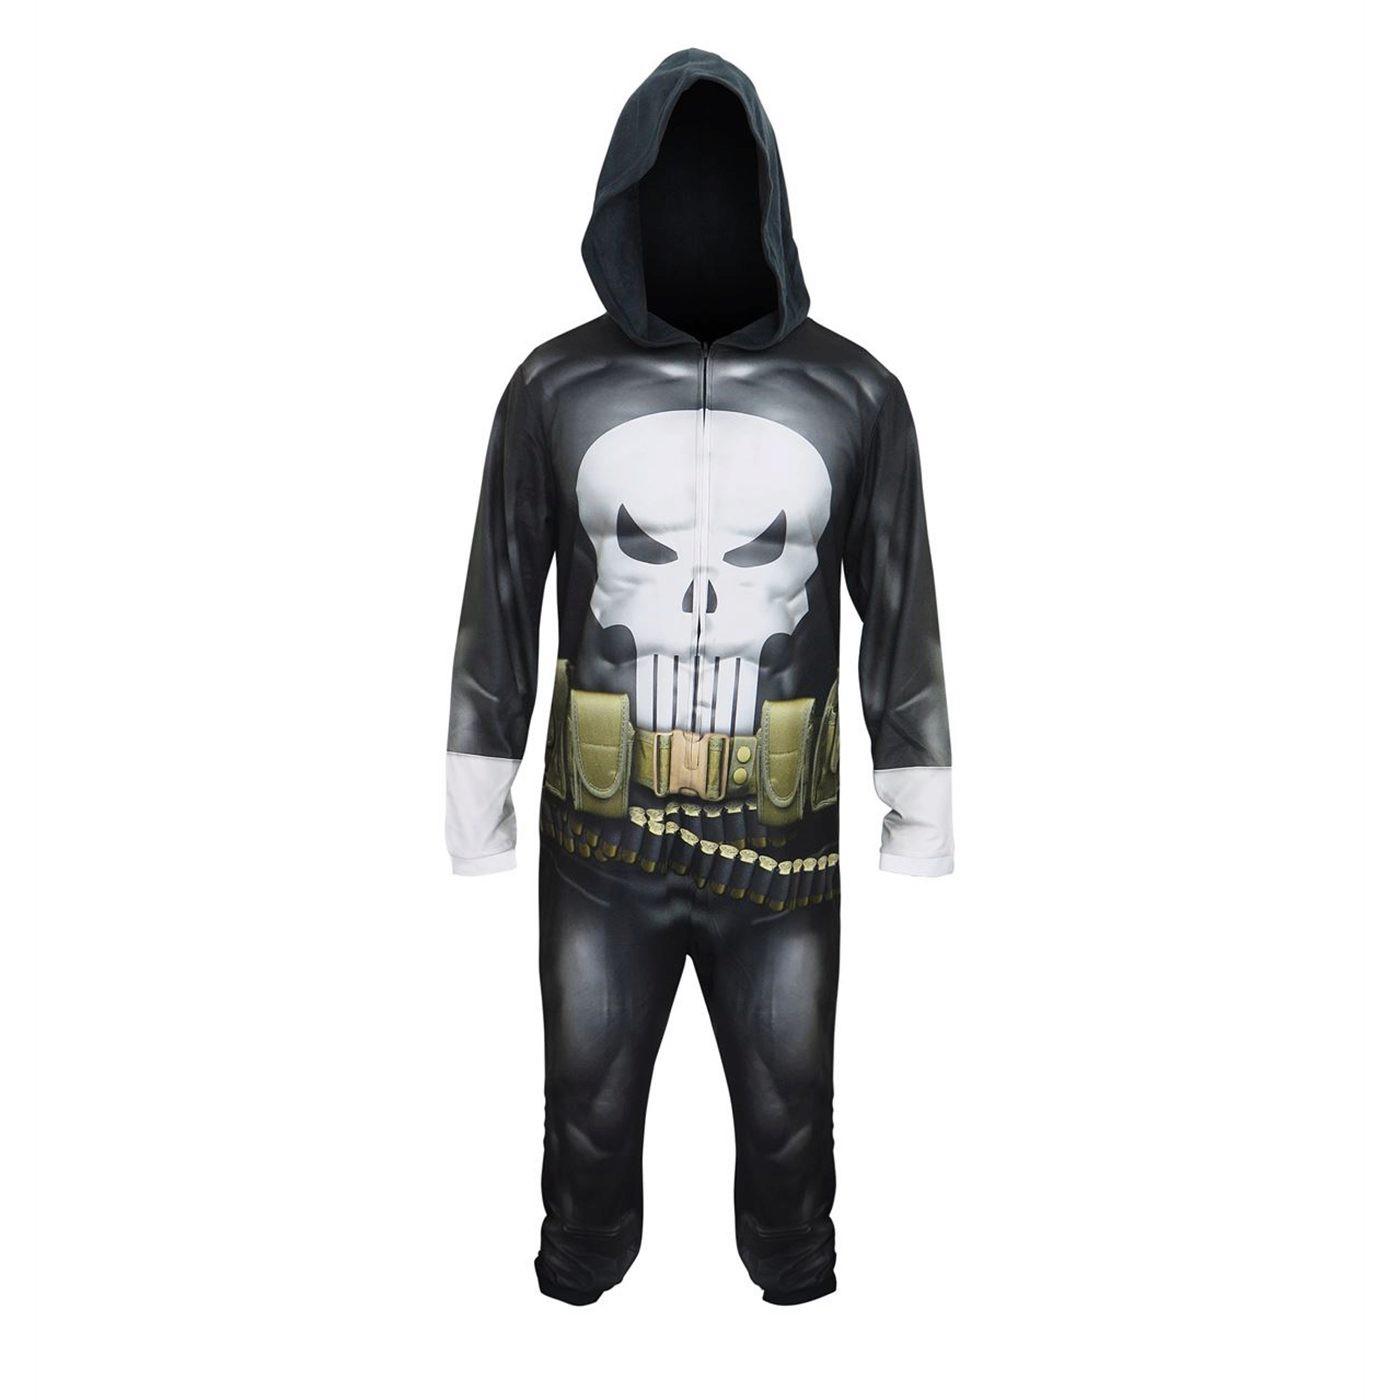 Punisher Sublimated Union Suit